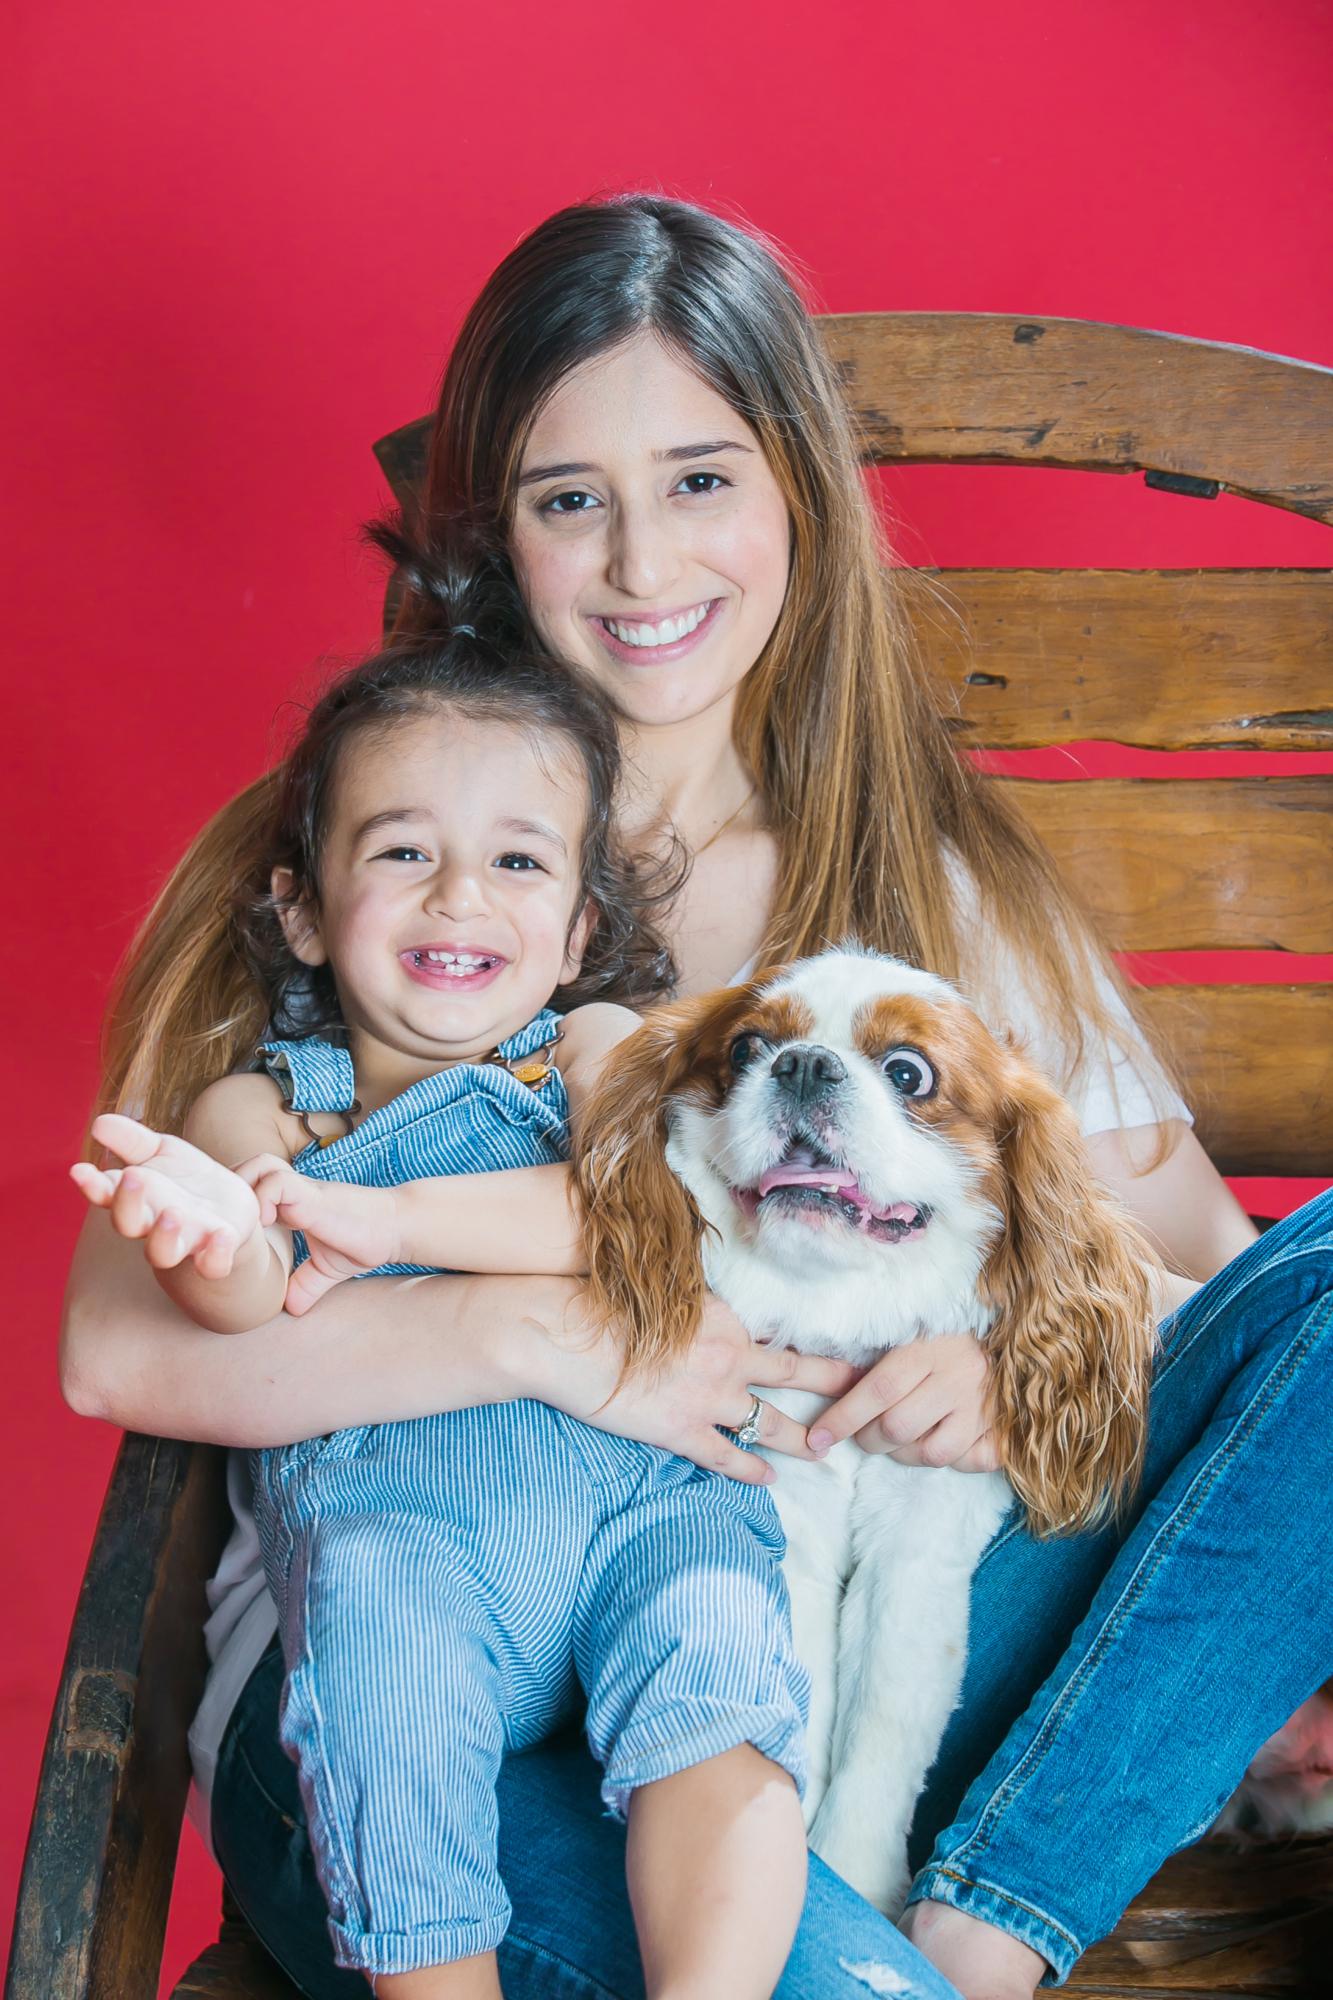 צילומי משפחה עם כלב רקע אדום בסטודיו